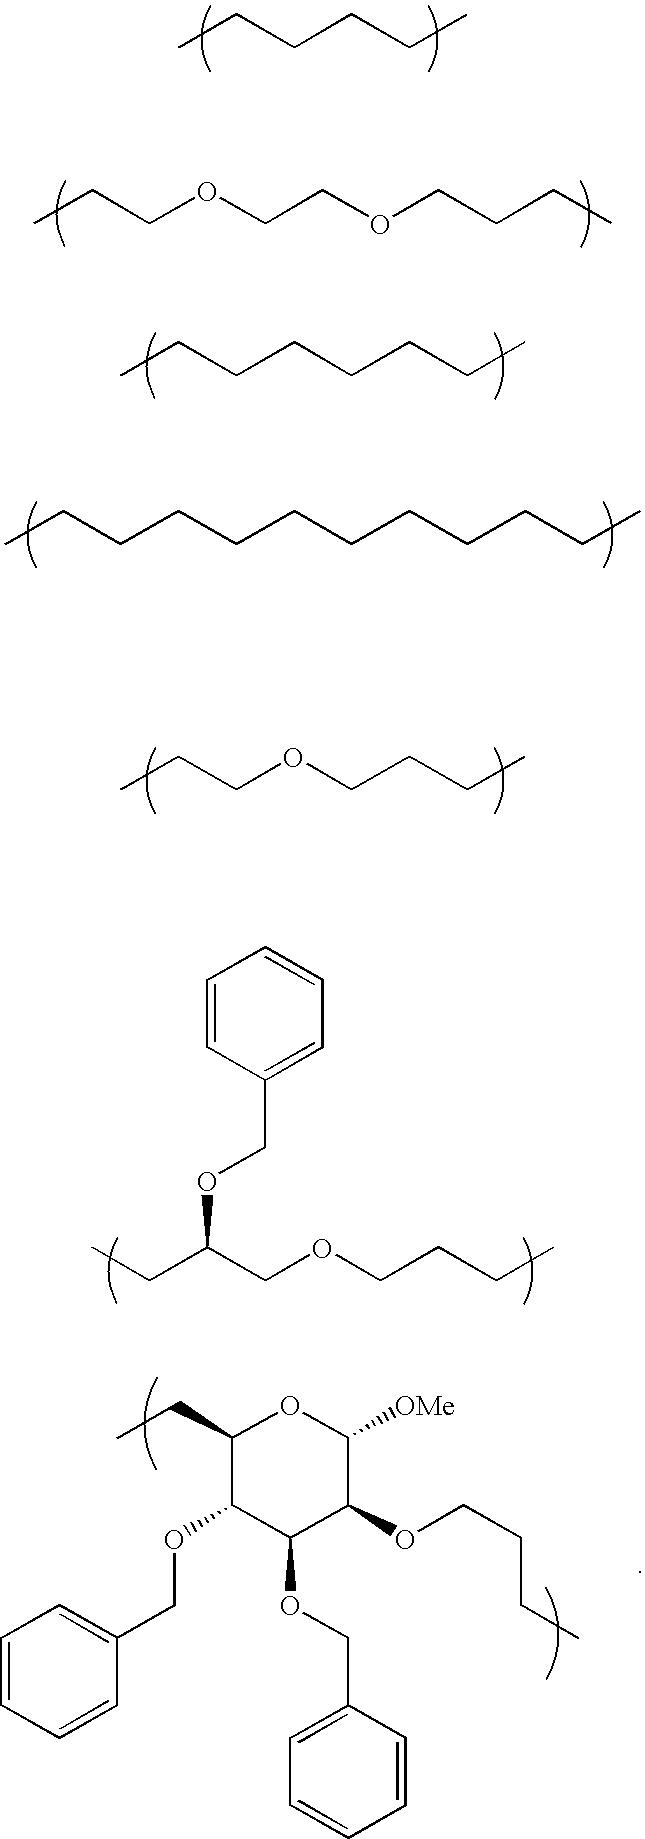 Figure US20040214232A1-20041028-C00005